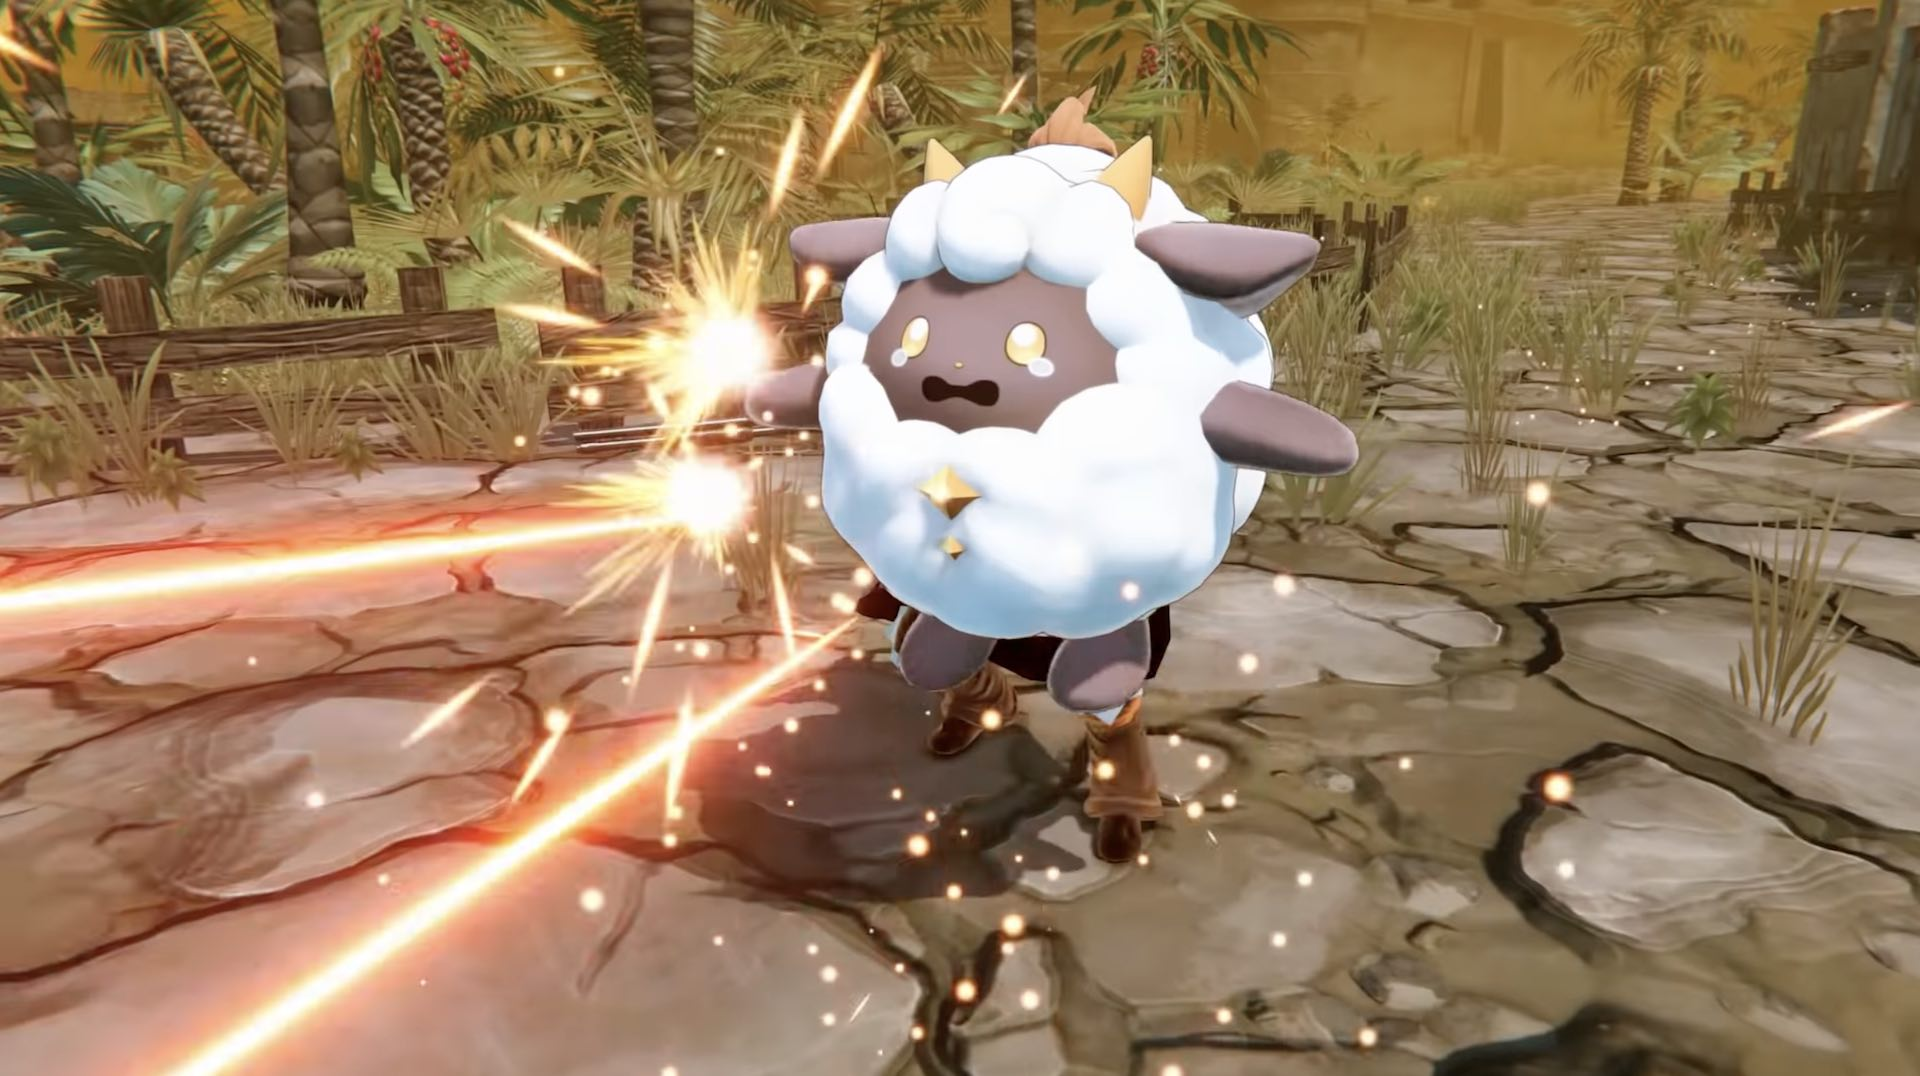 Si vous avez de l'empathie pour les Moumoutons, ce faux jeu Pokémon va briser votre cœur ! (vidéo) Par Maxime Claudel Faux-moumouton